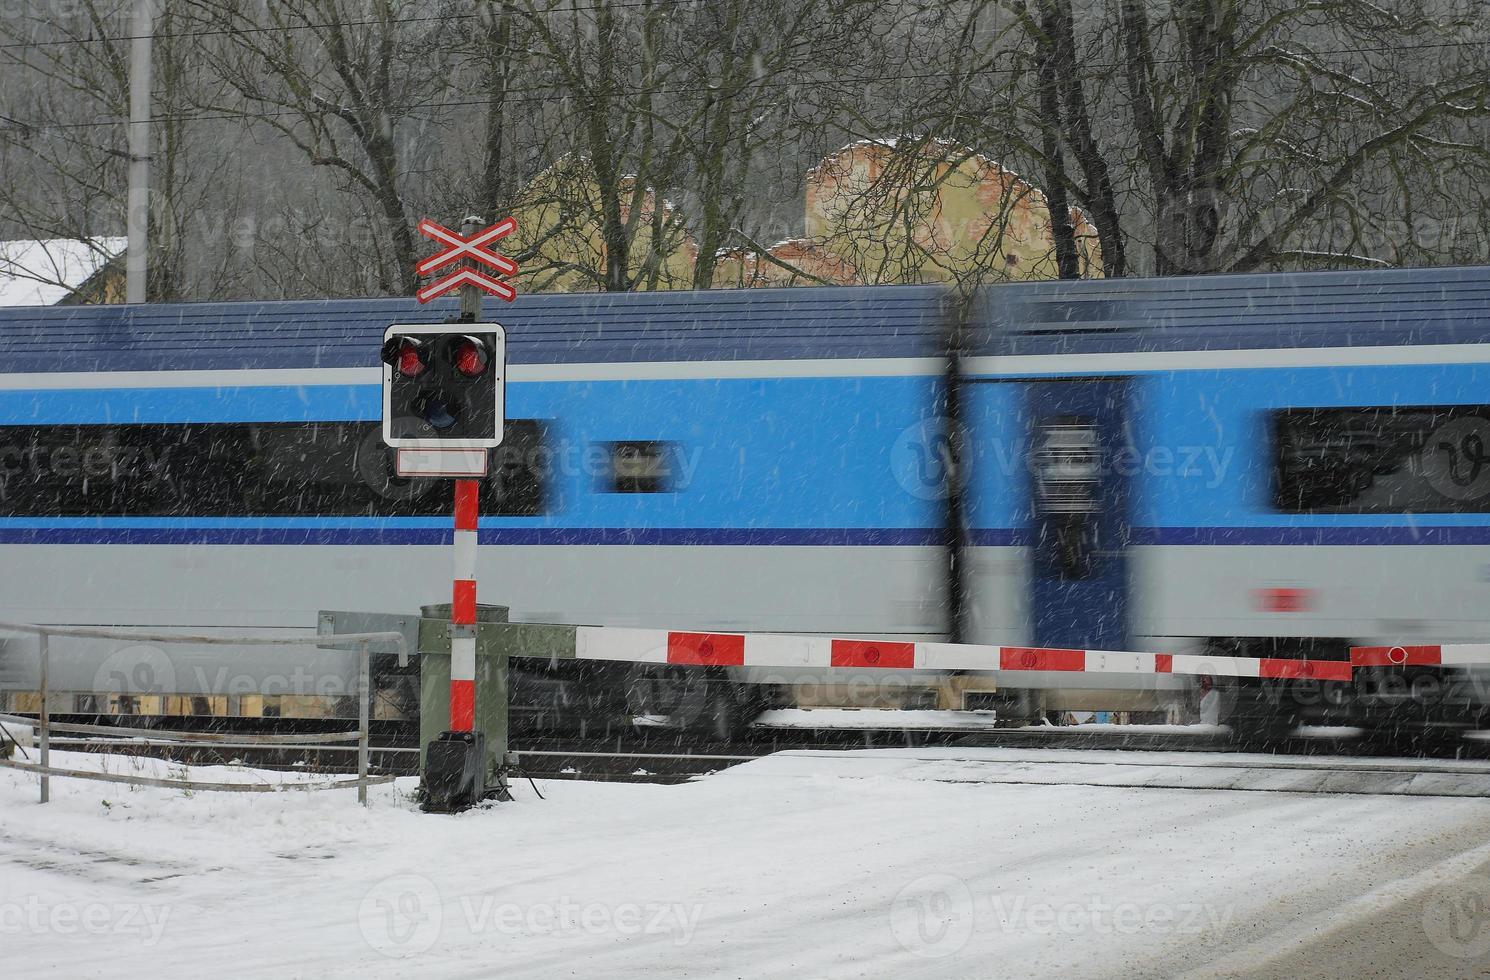 travessia ferroviária tcheca no inverno com trem em uma tempestade de neve foto